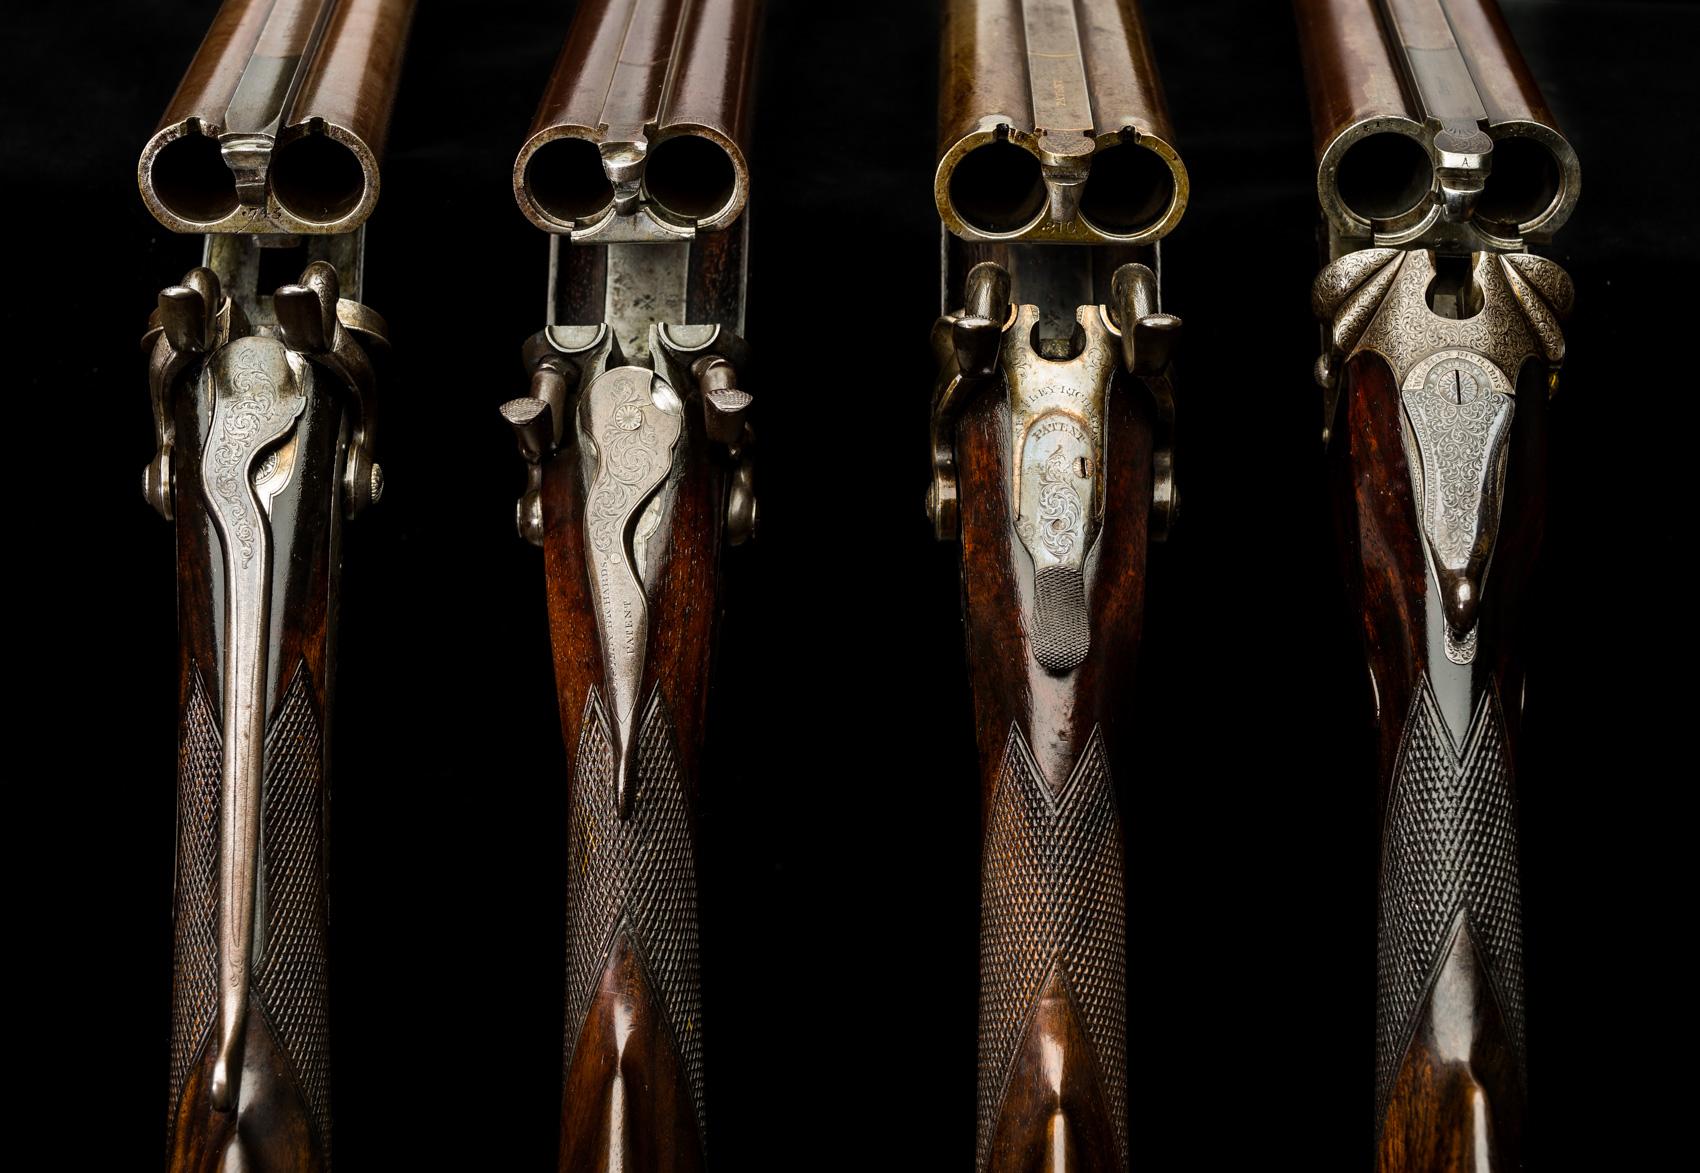 Westley Richards, Top Lever, Shotguns